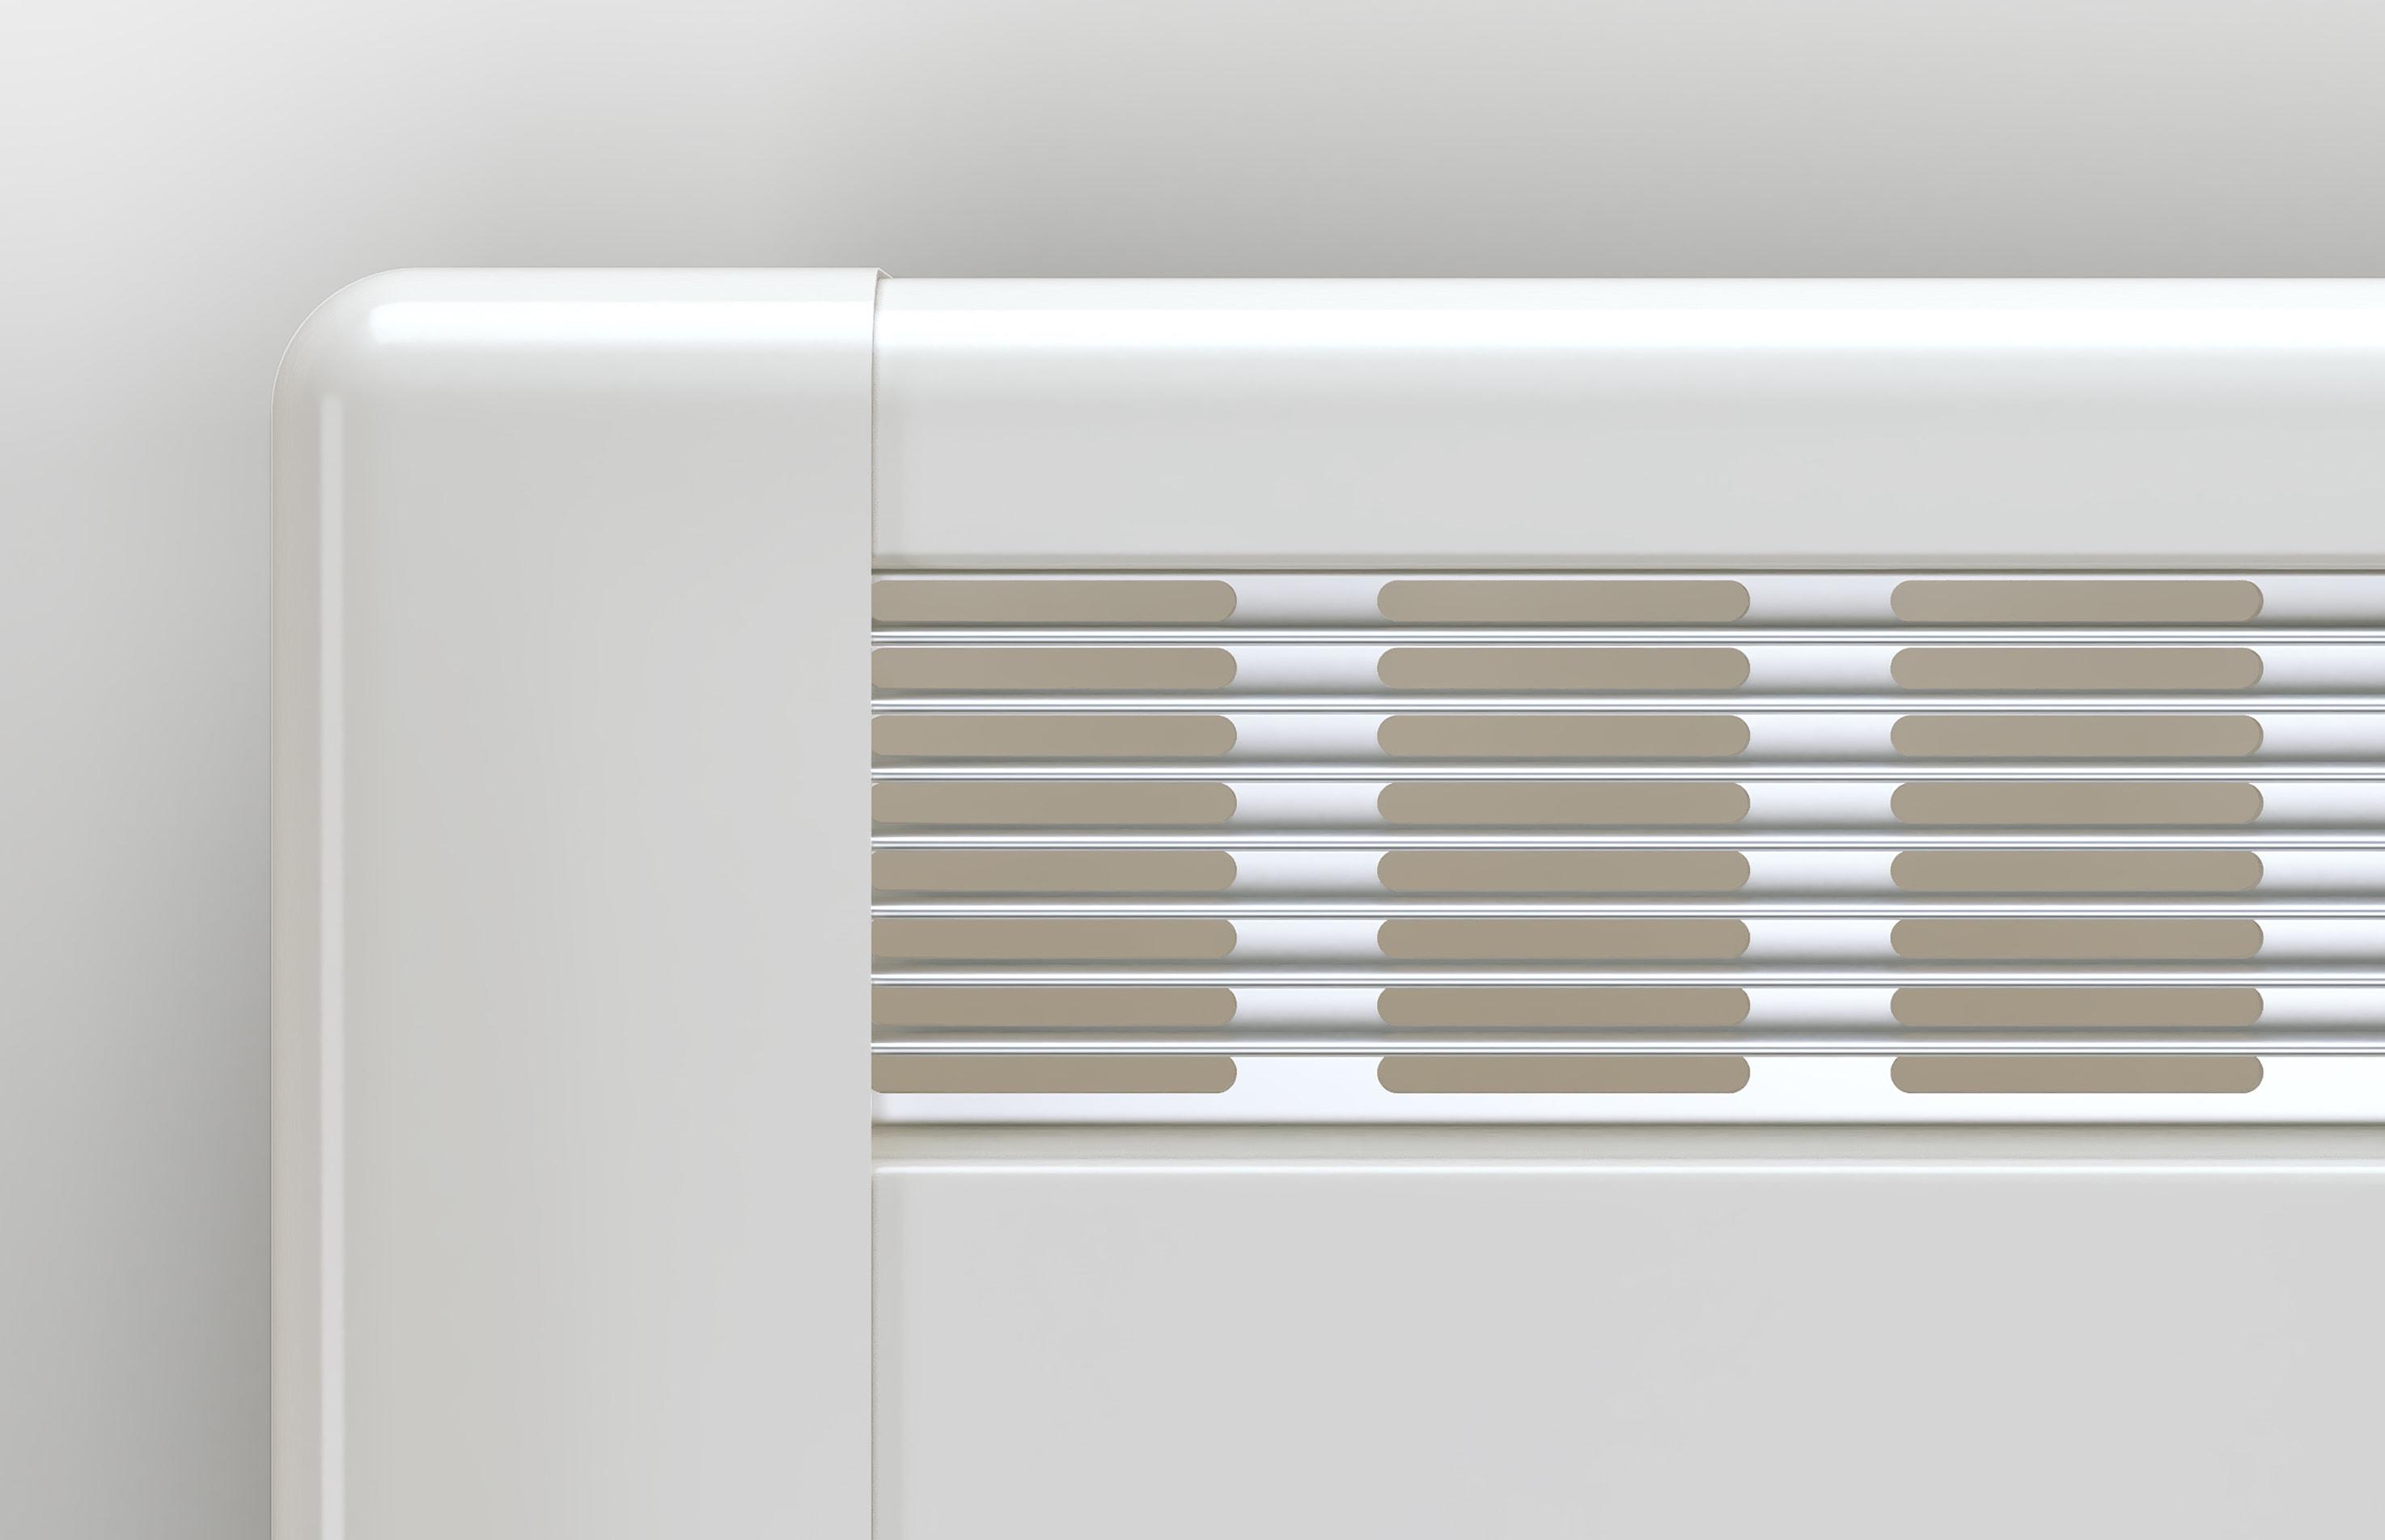 Radiateur Inertie Sur Roulettes dedans chauffage d'appoint et radiateur électrique mobile | rothelec